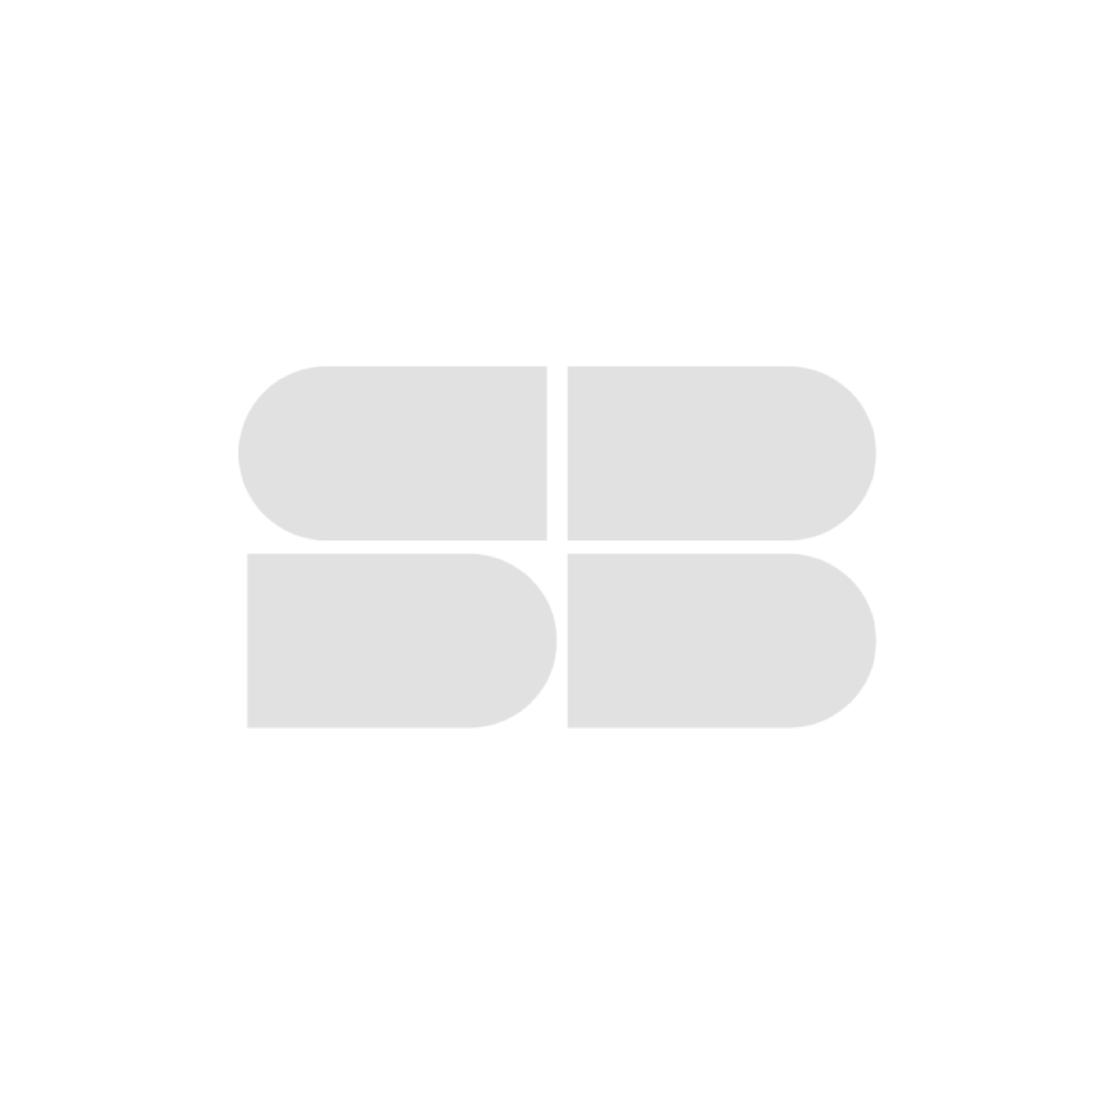 39013186-mattress-bedding-mattresses-foam-mattresses-31